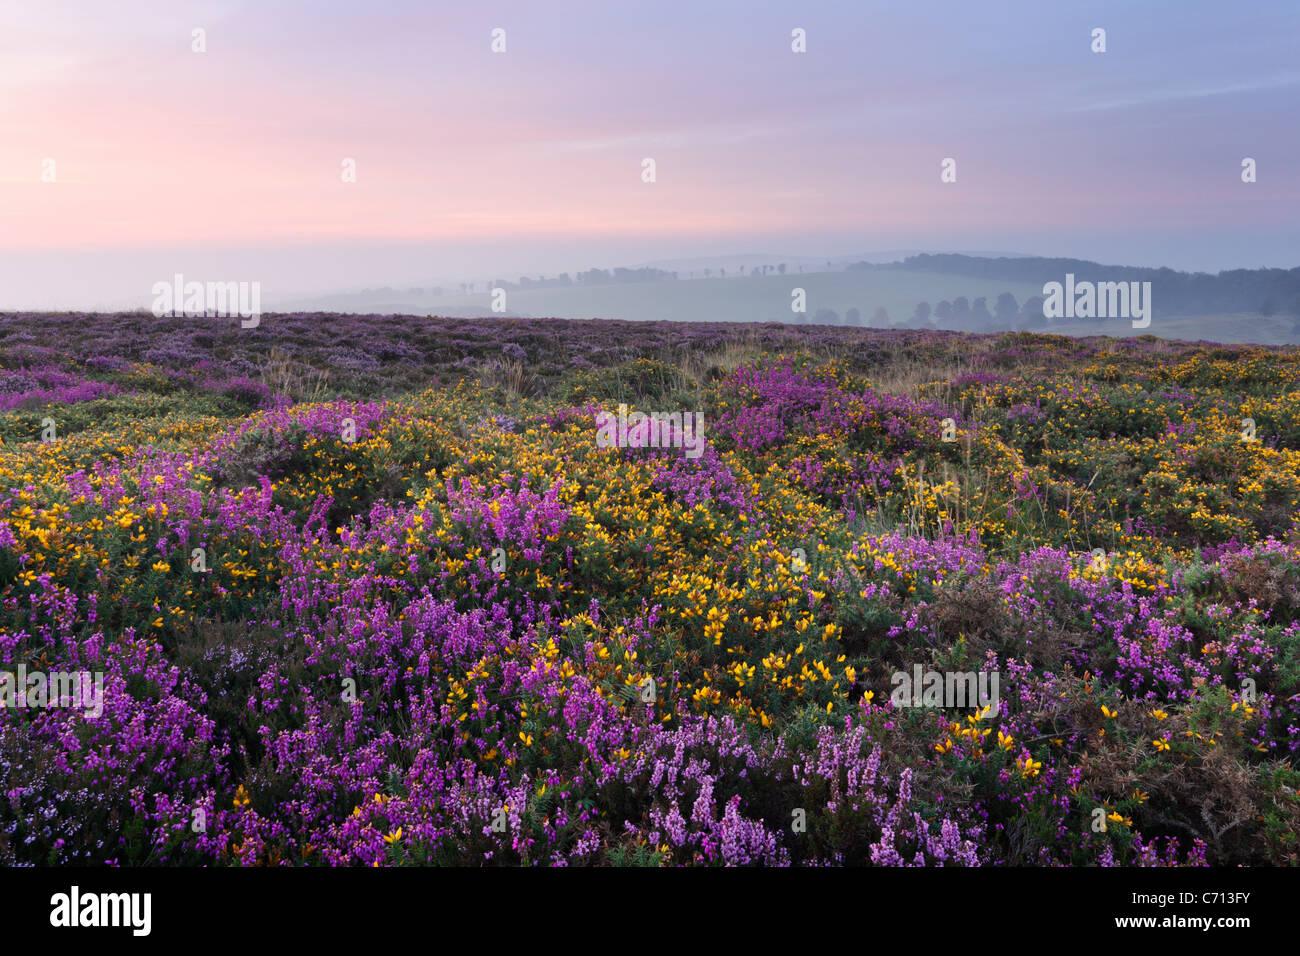 La bruyère et l'ajonc sur les collines de Quantock en septembre. Le Somerset. L'Angleterre. UK. Photo Stock